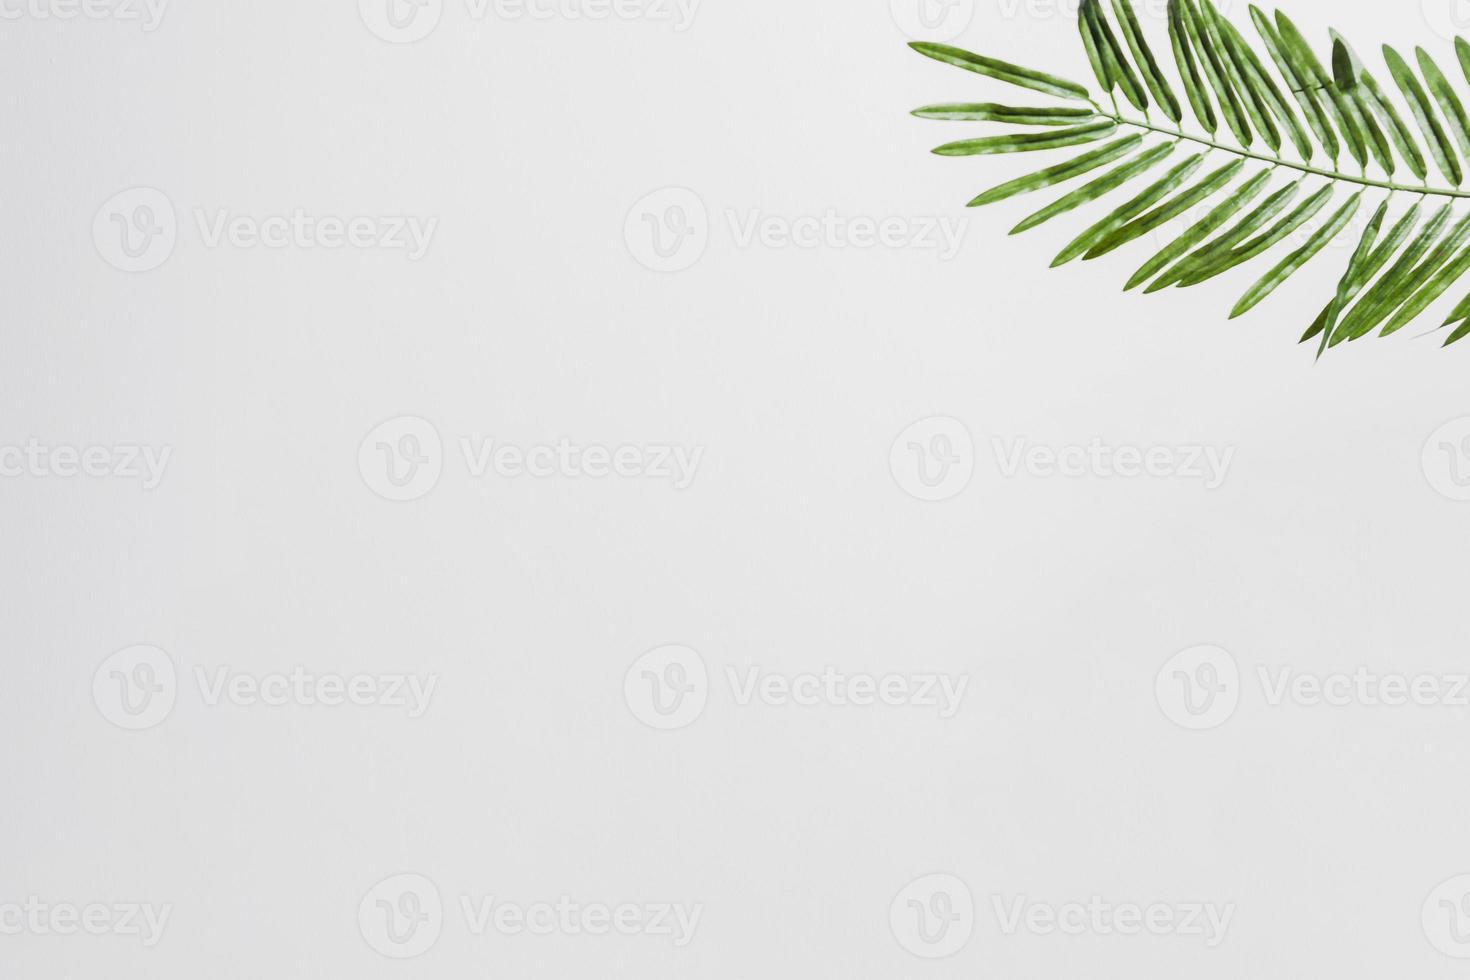 hojas de palma verde natural en la esquina del fondo blanco foto